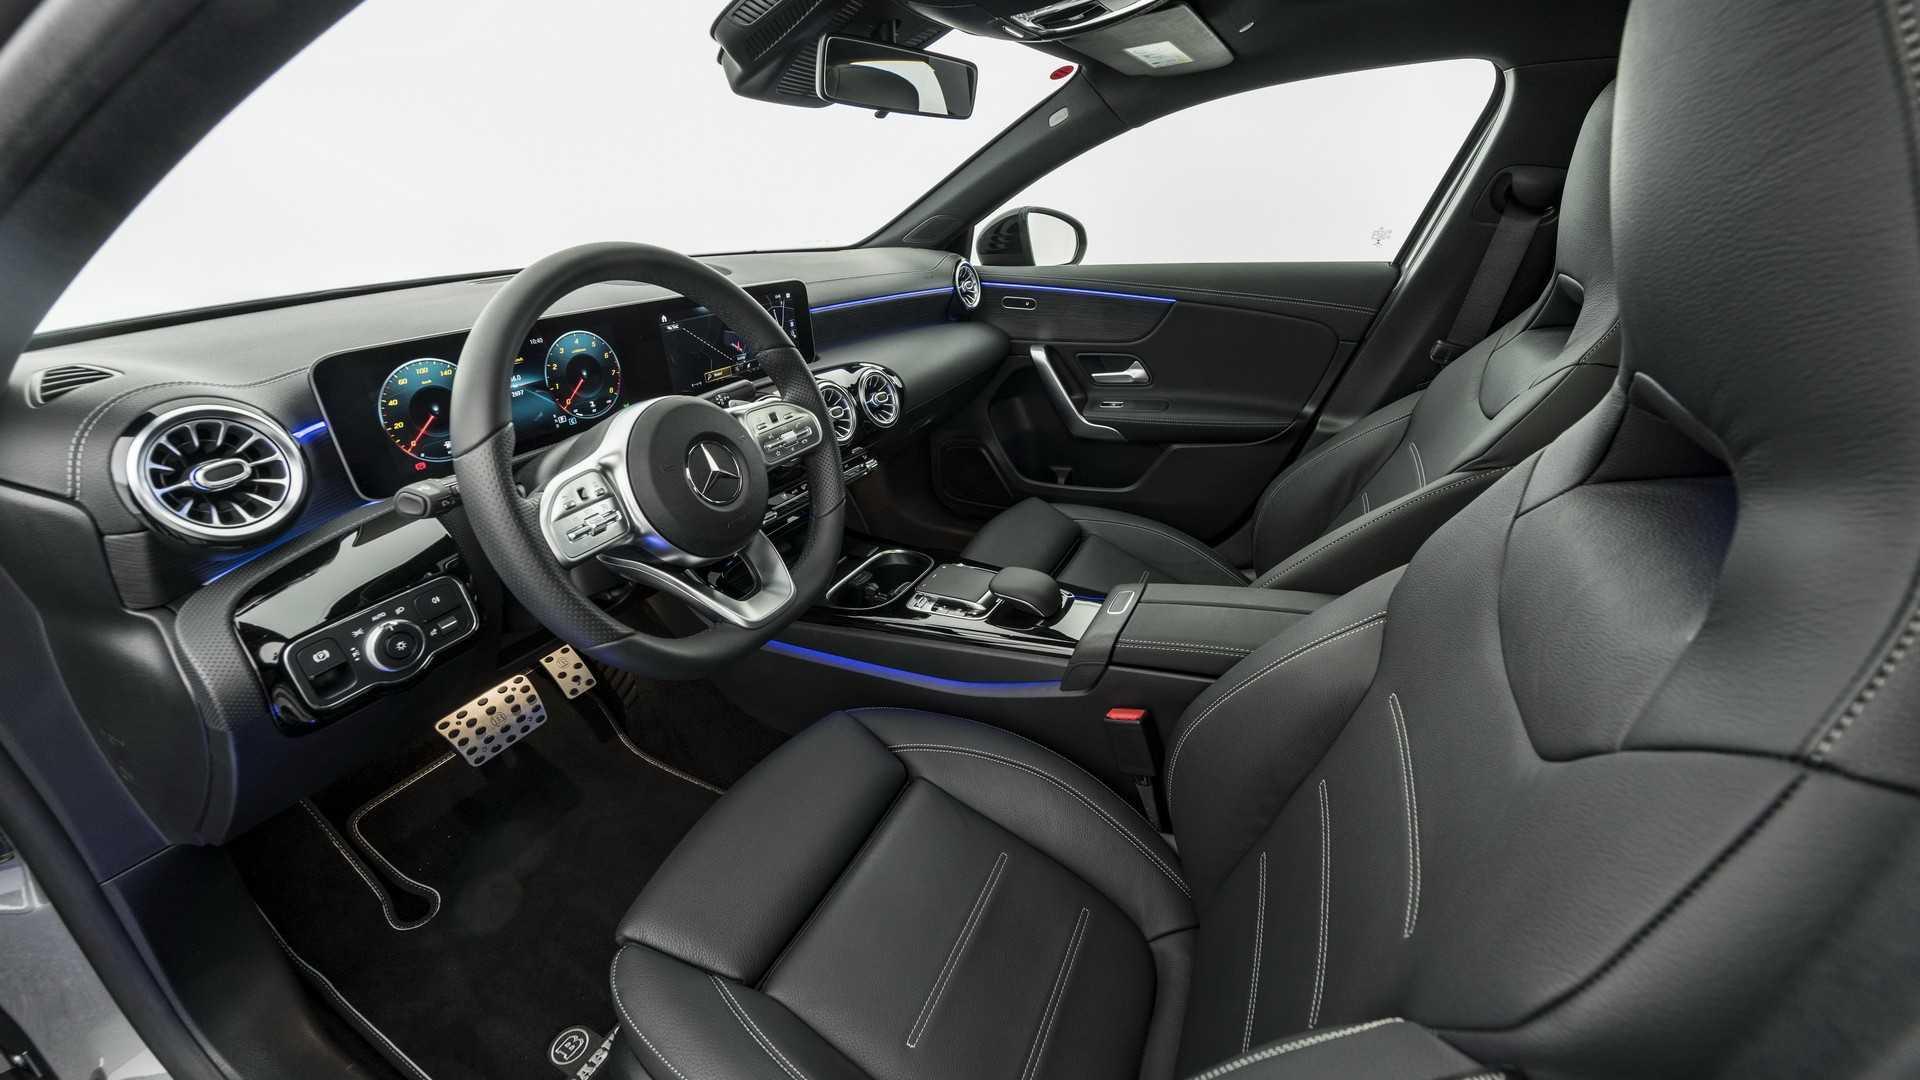 Brabus Mercedes A-class a250